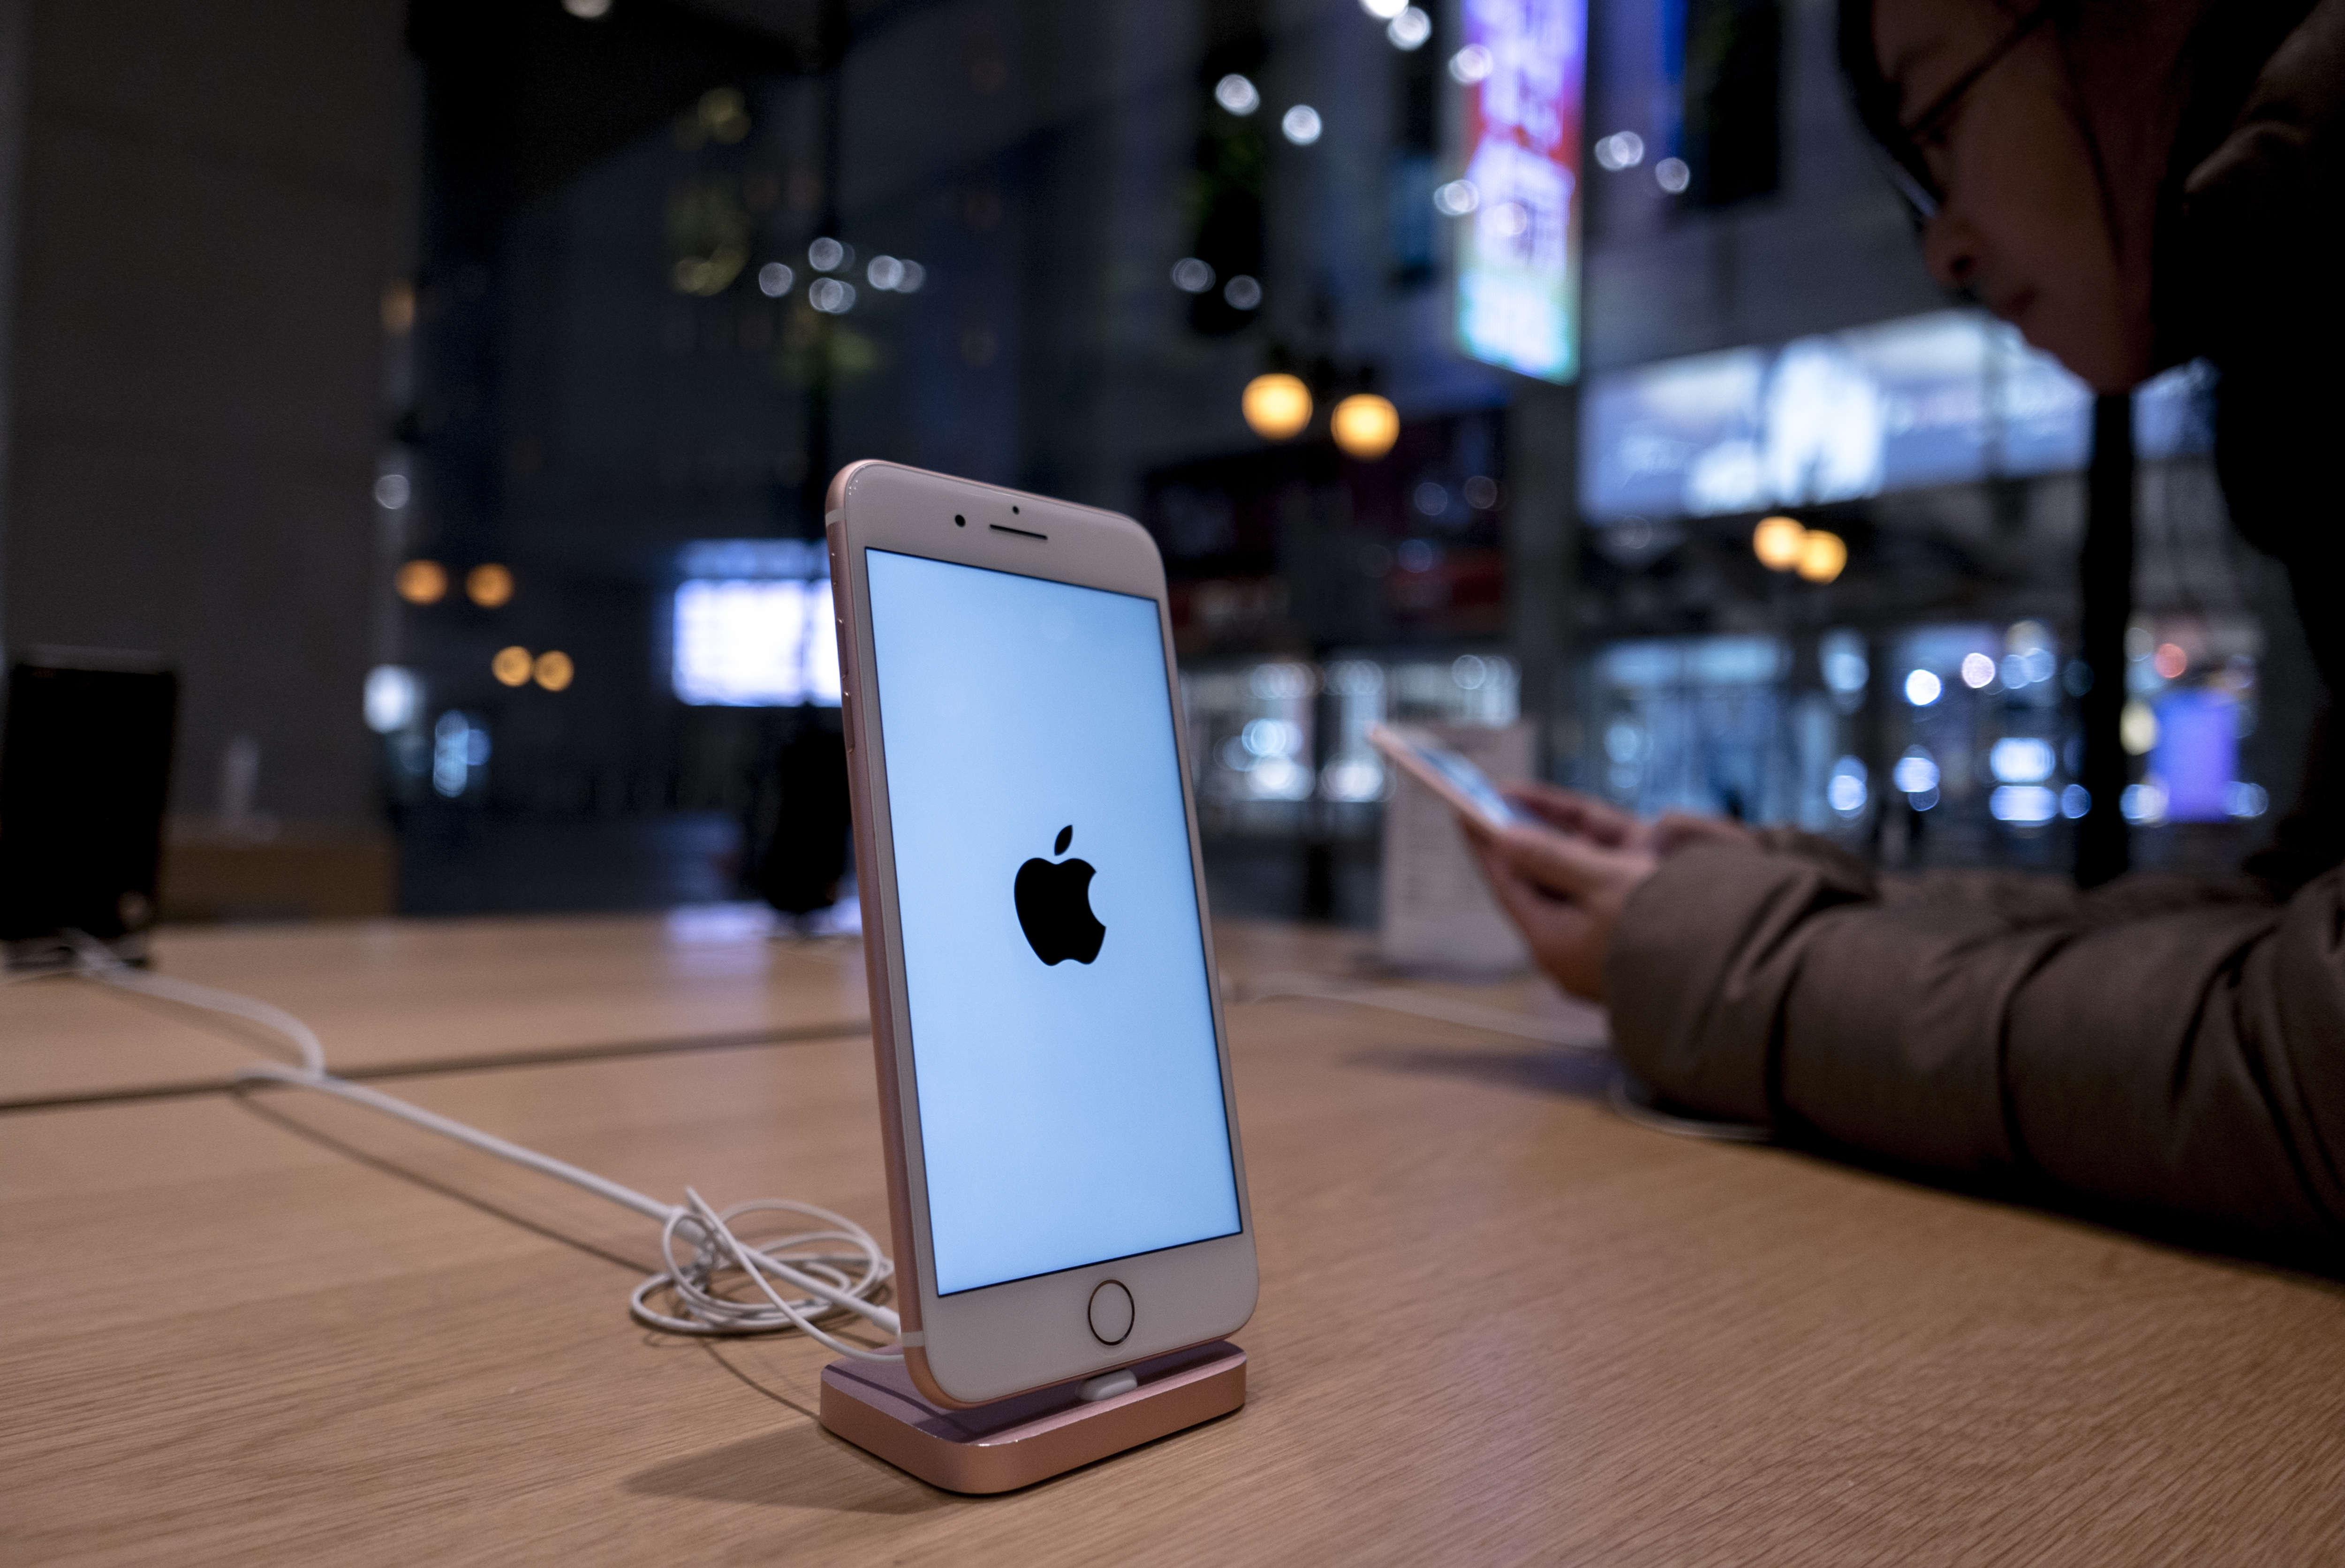 David Tepper on Apple: Warren Buffett 'made a better trade